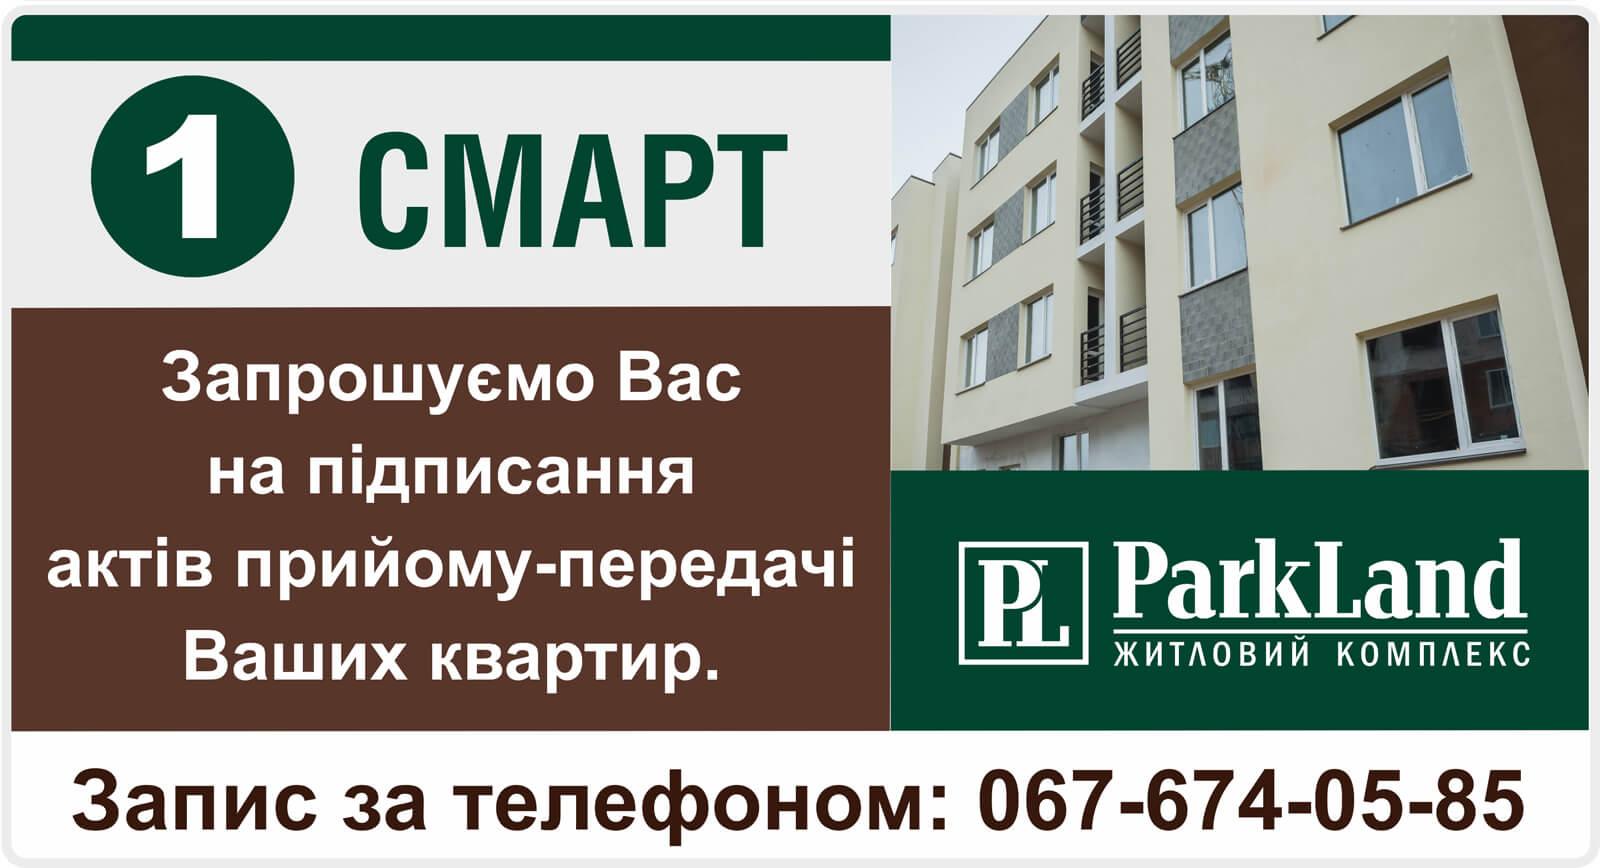 news270318-ukr